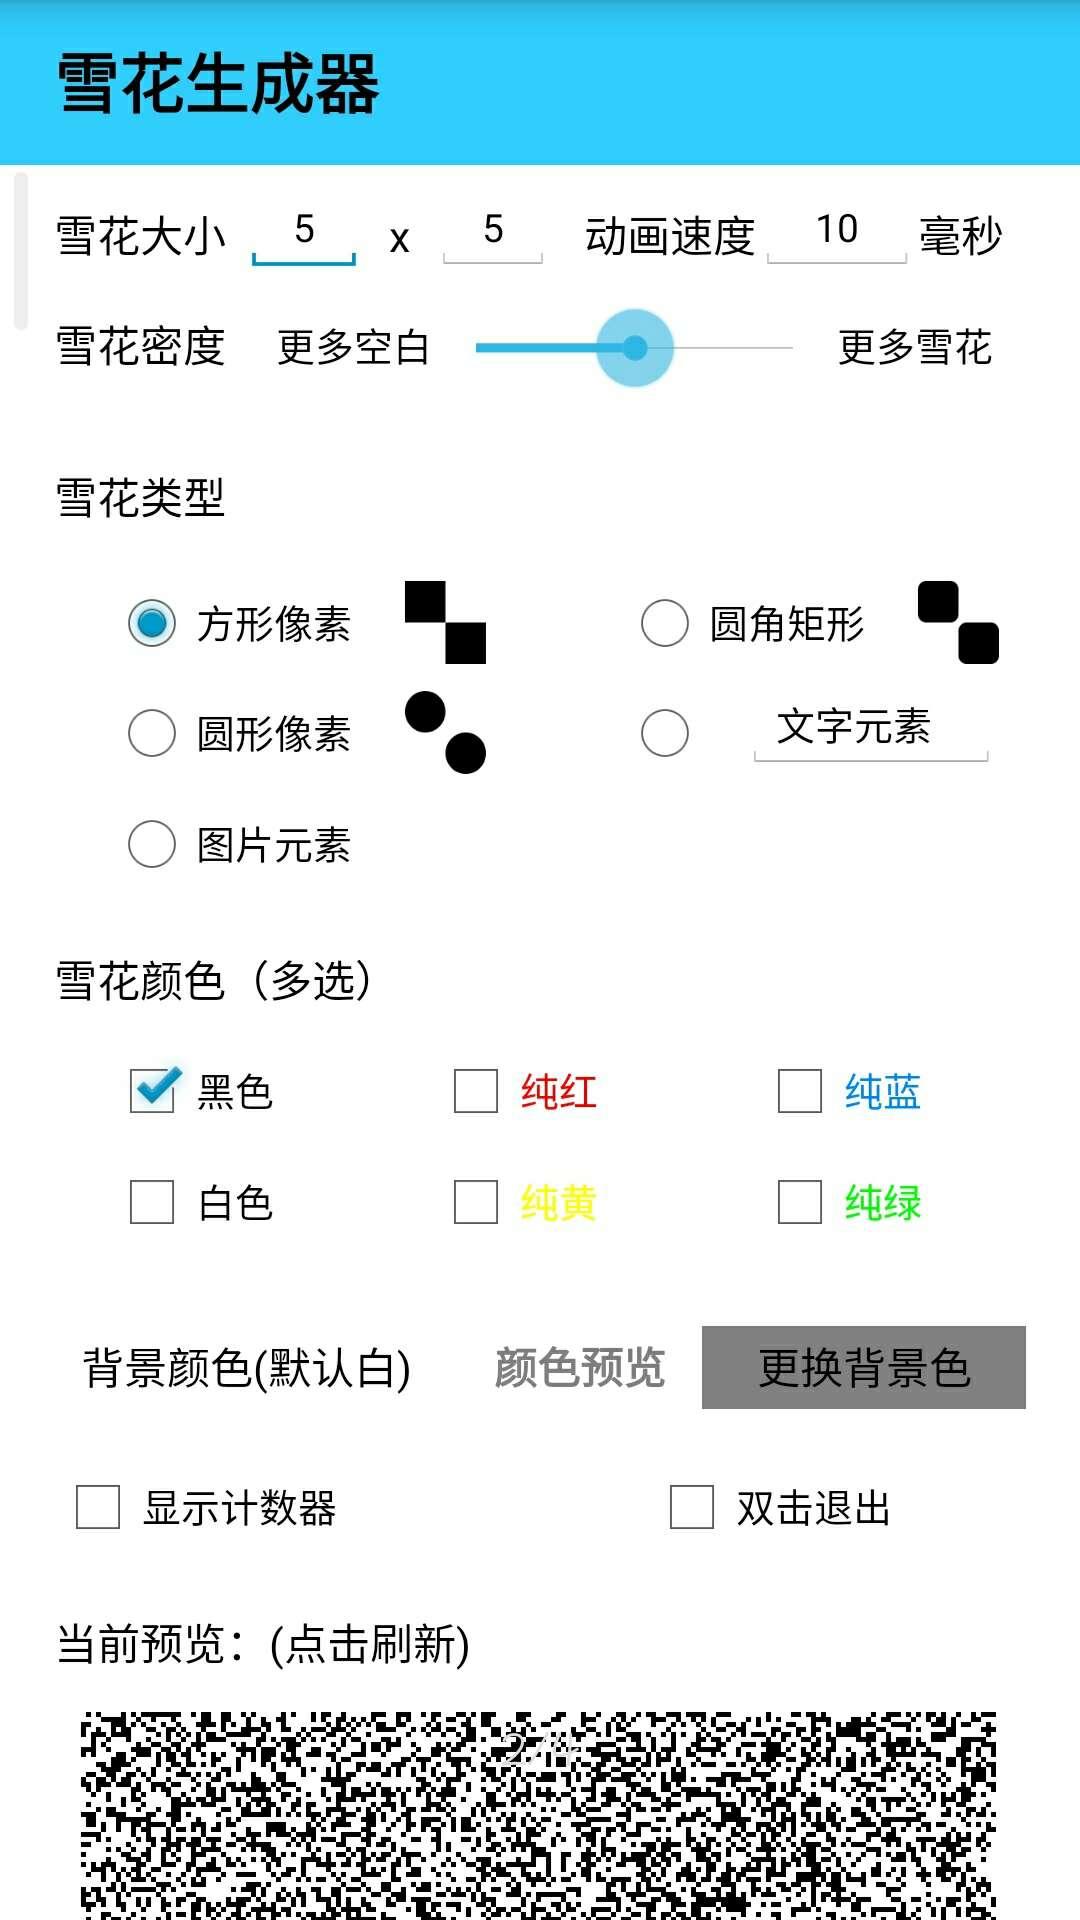 【分享】雪花生成器 0.1-爱小助